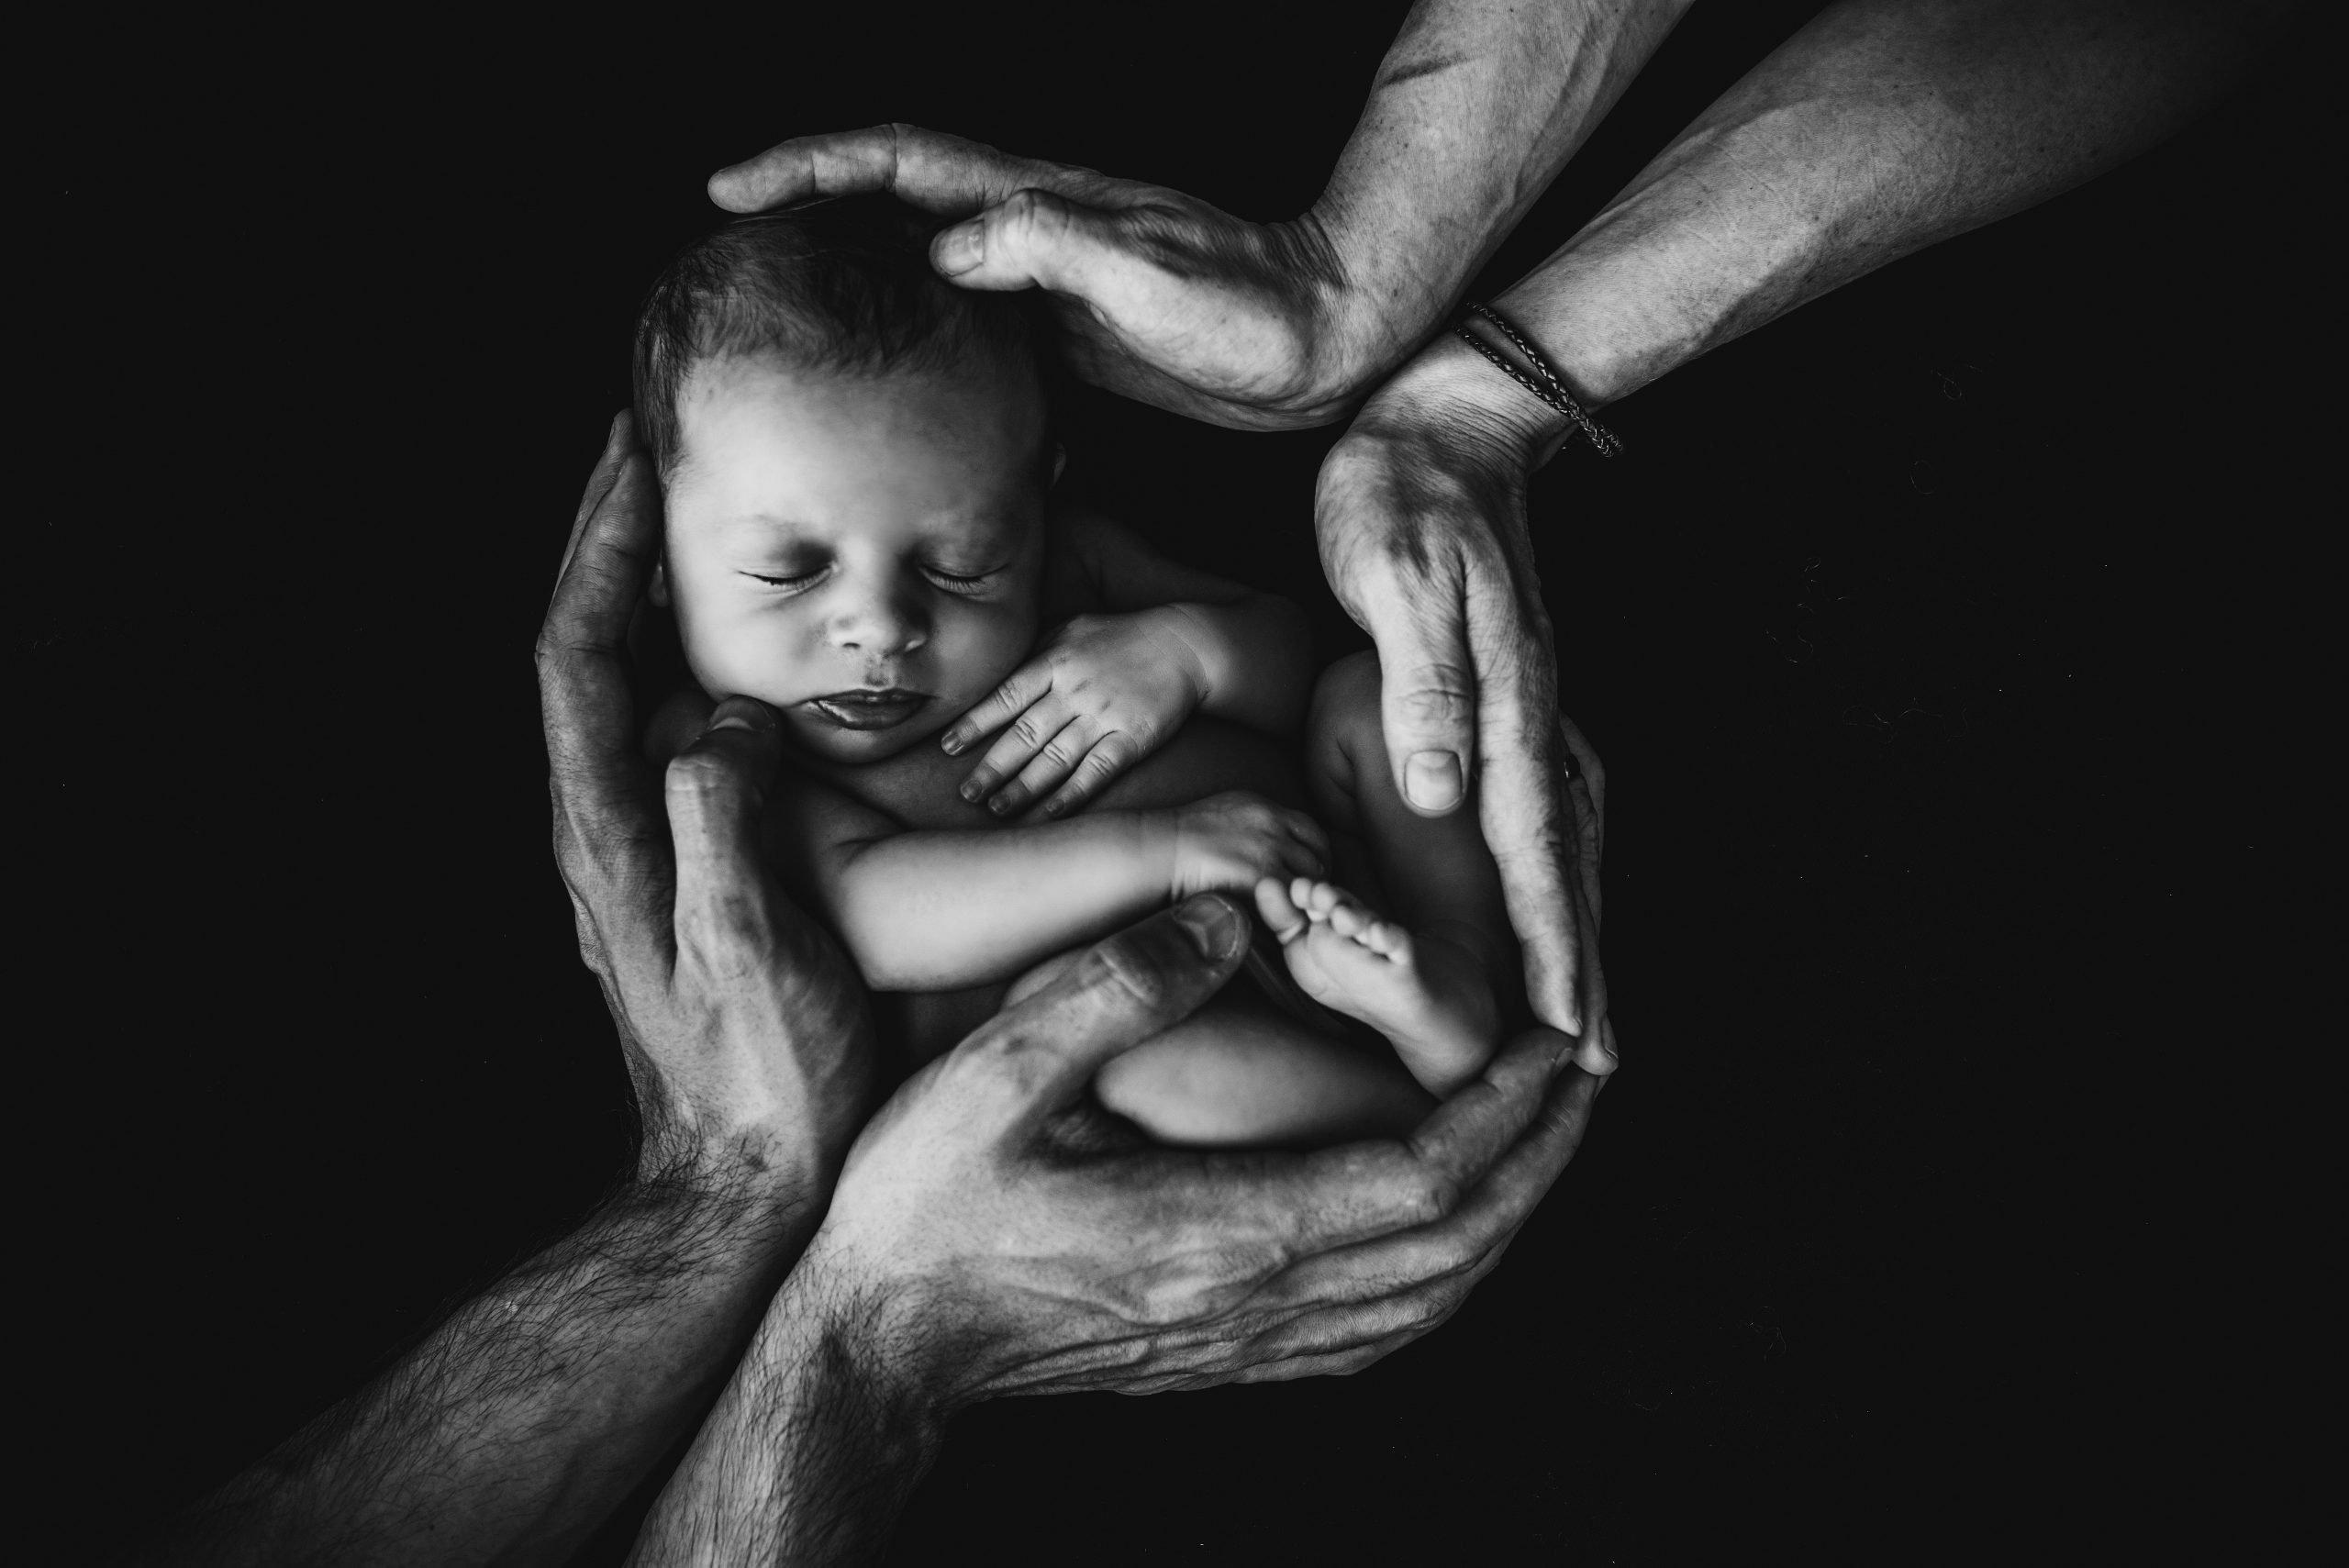 bébé entouré de mains de personnes plus âgées (noir et blanc)